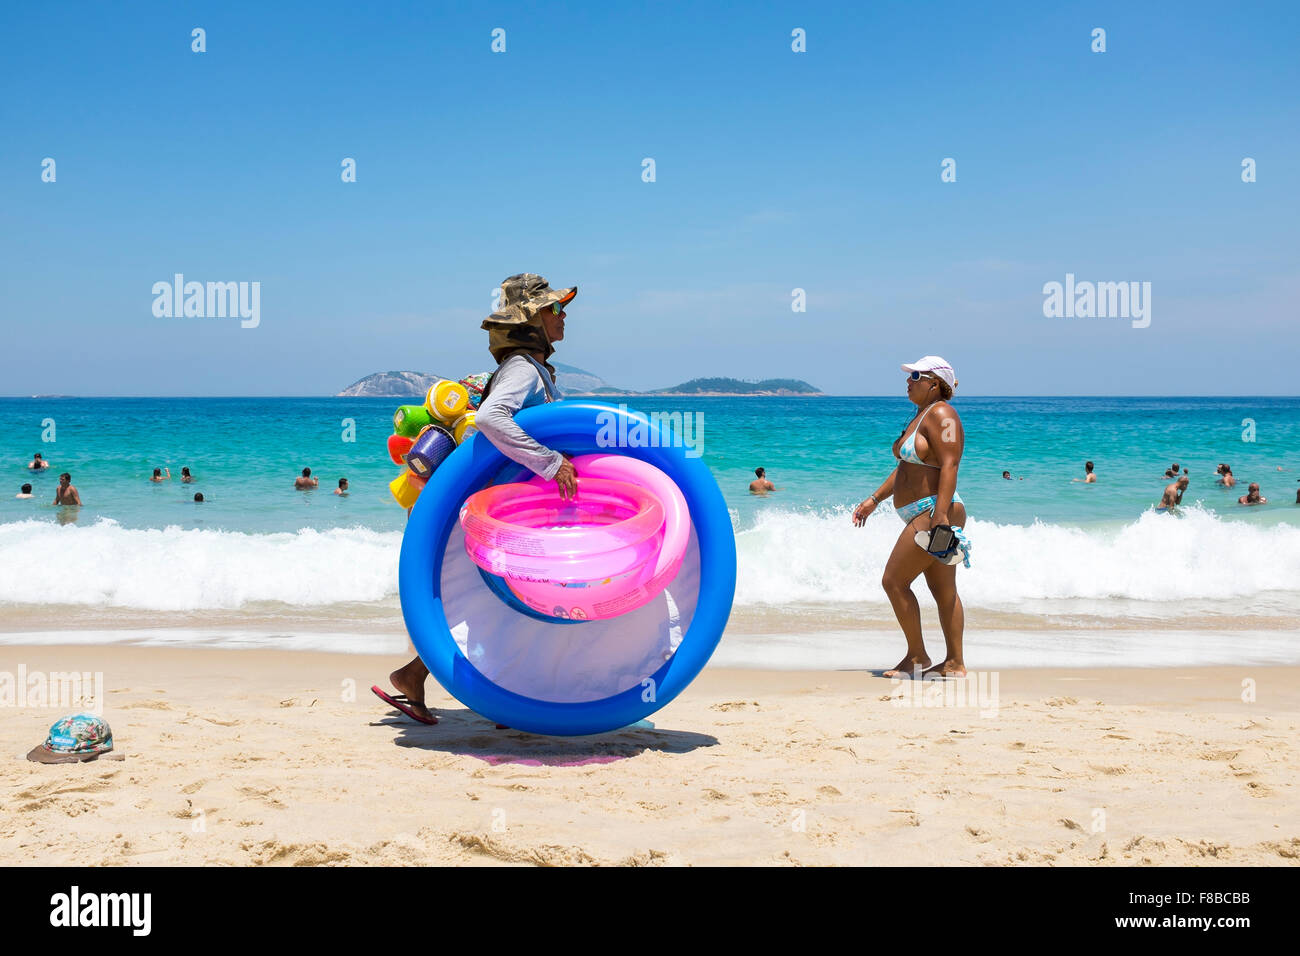 Río de Janeiro, Brasil - 15 de marzo de 2015: proveedor de Playa de colorida juguetes de playa lleva su mercancía Imagen De Stock